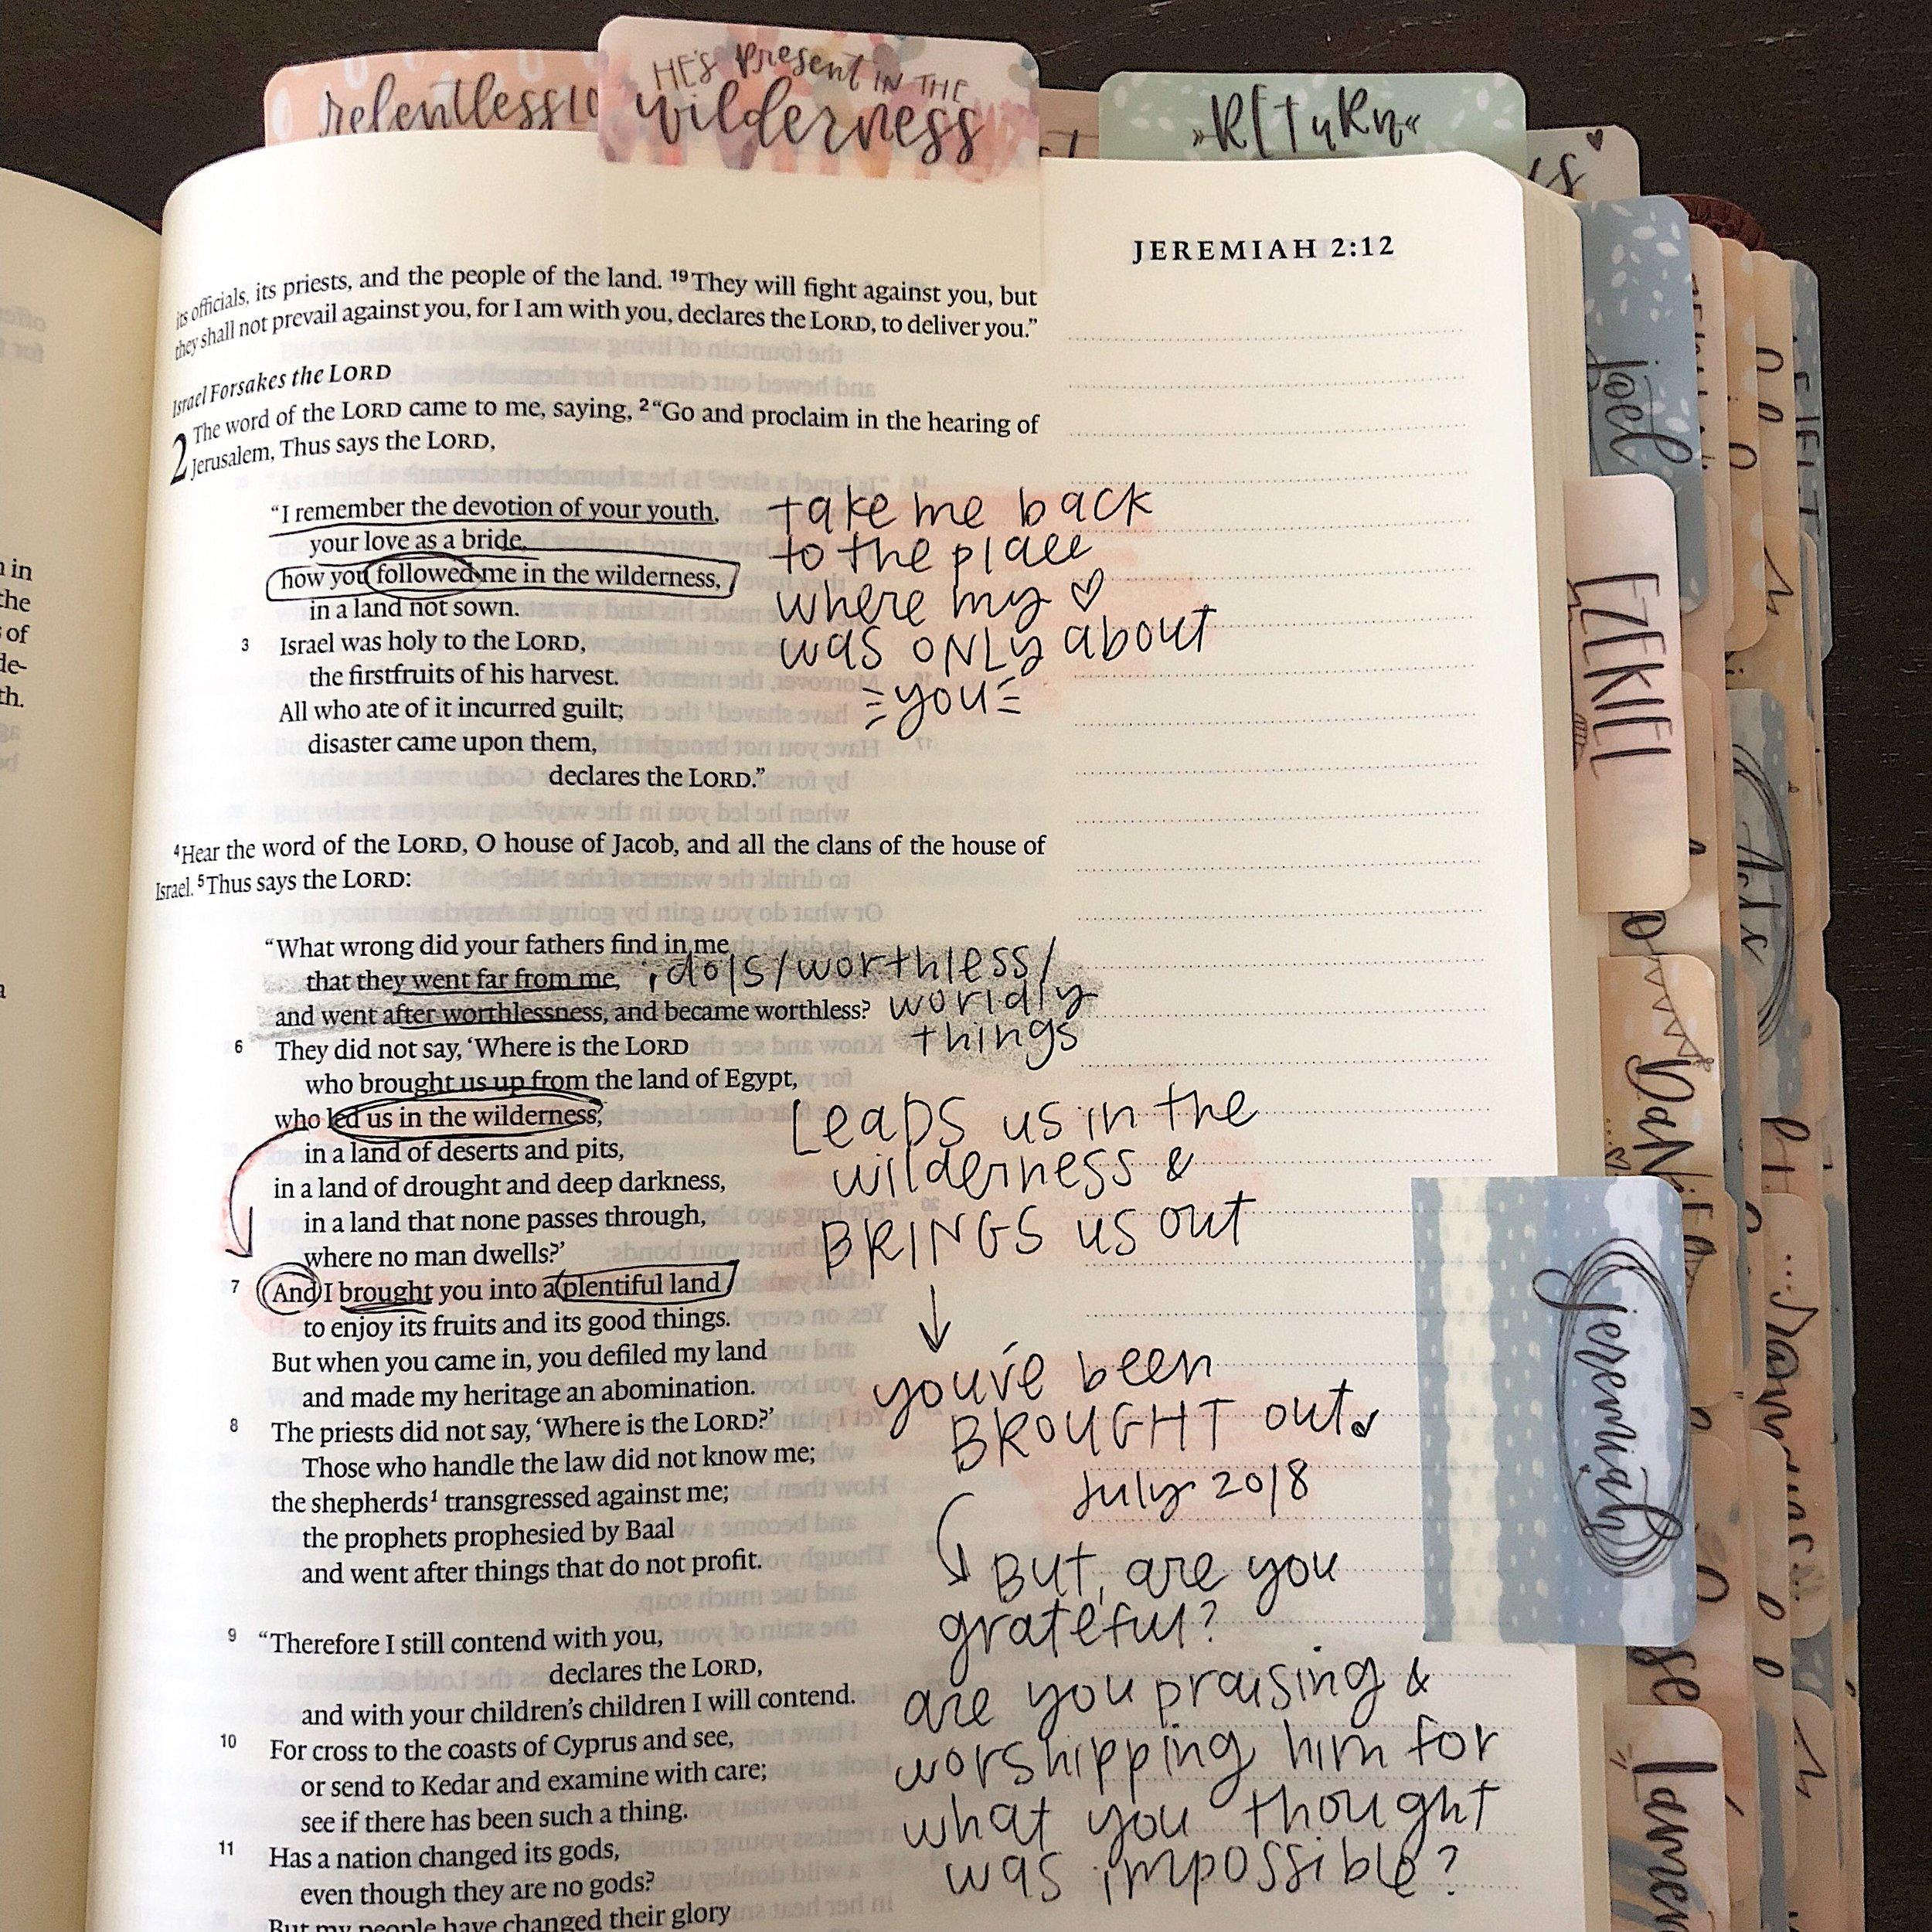 ESV Journaling Bible - Single Column Journaling Bible, 2 inch margins for journaling